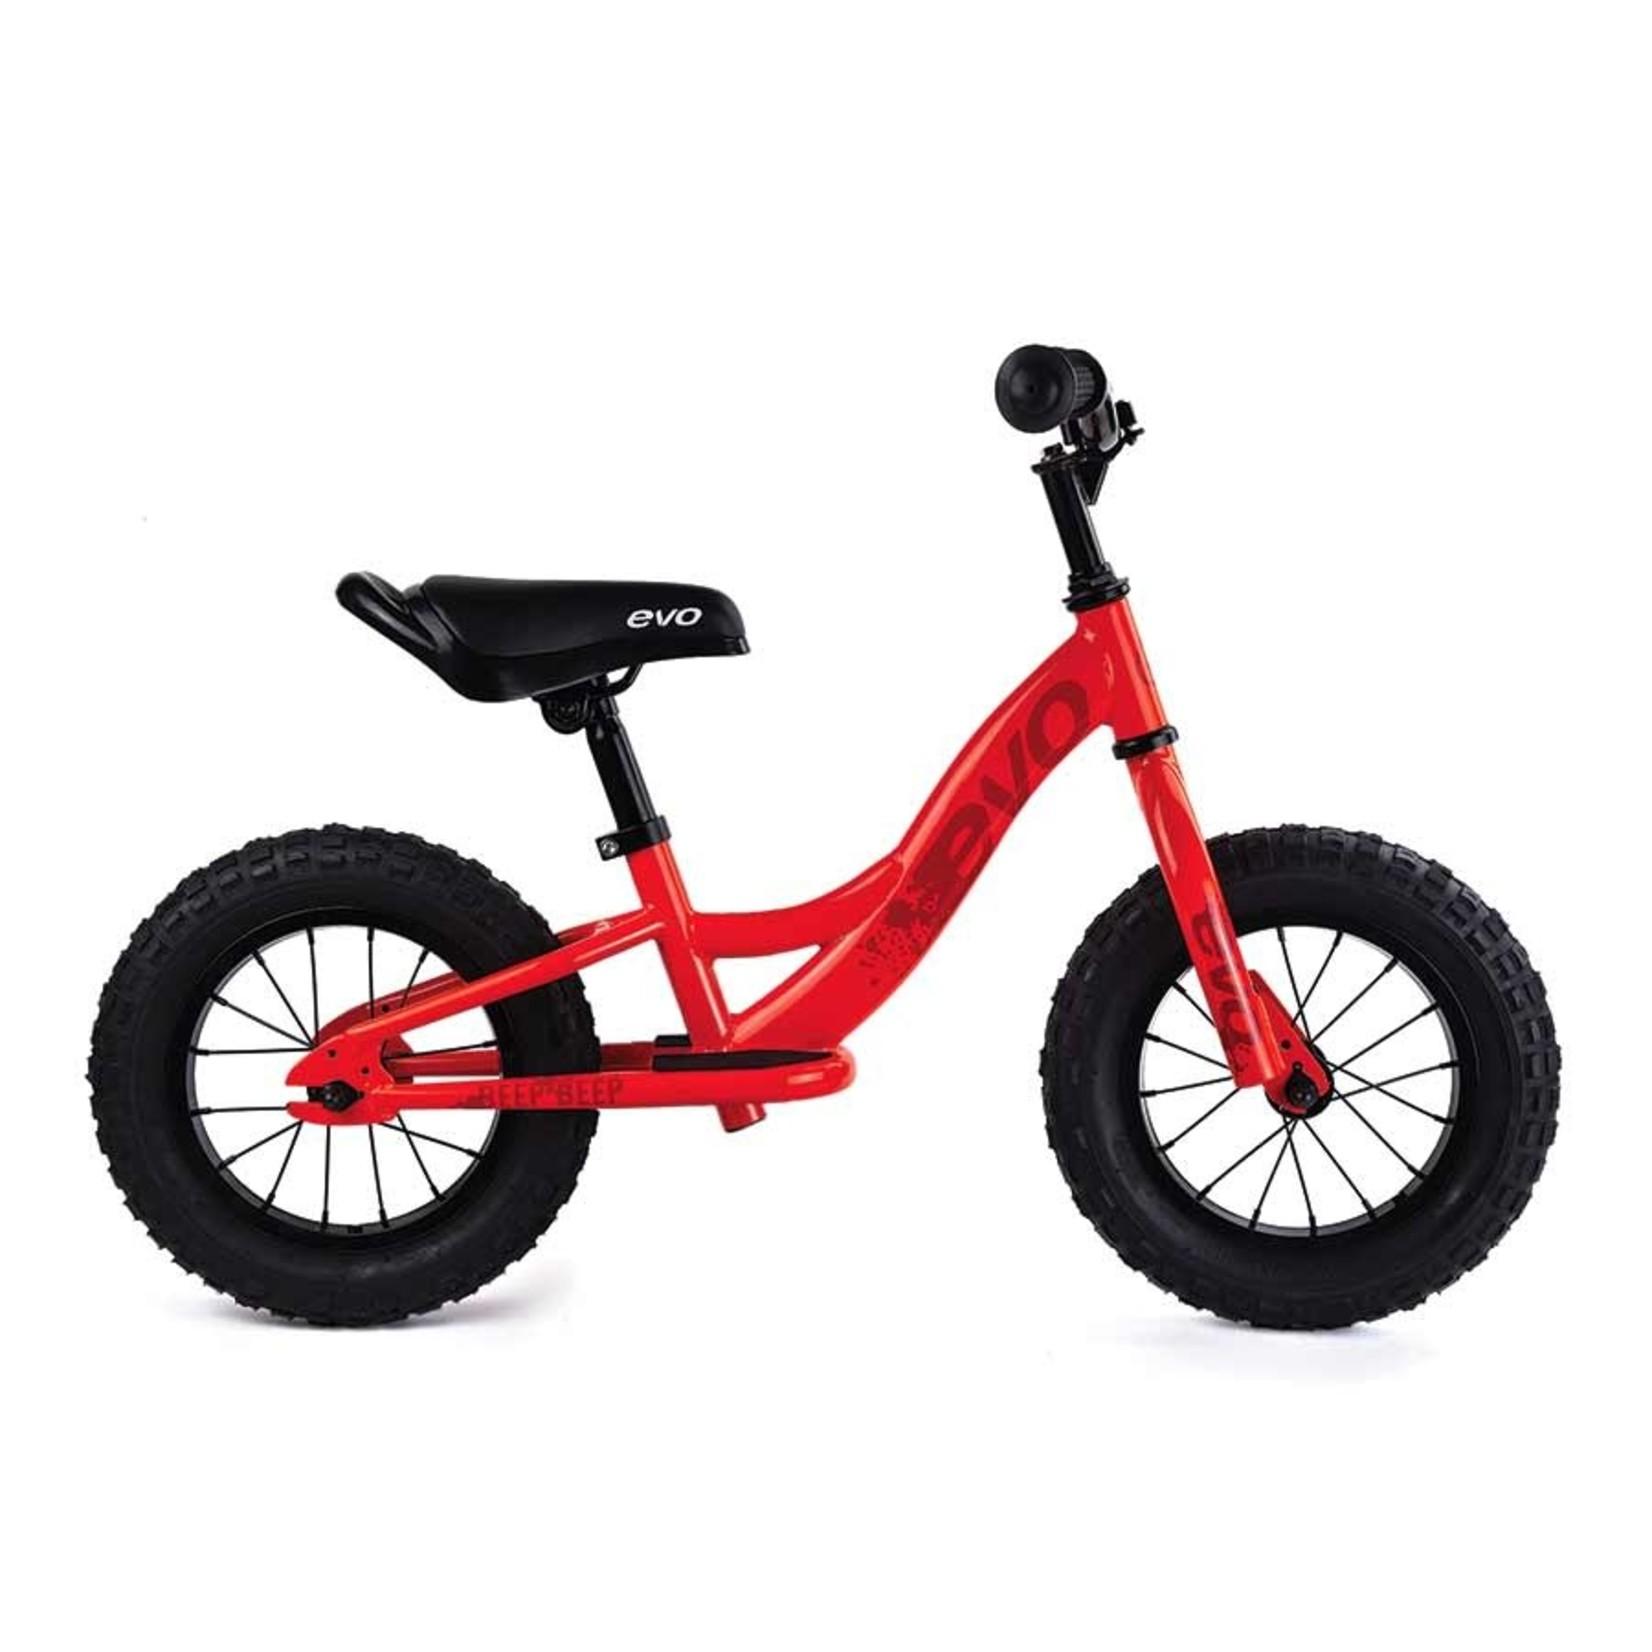 Evo Evo Balance Bike, Beep Beep, Org Peel/Red, Kids